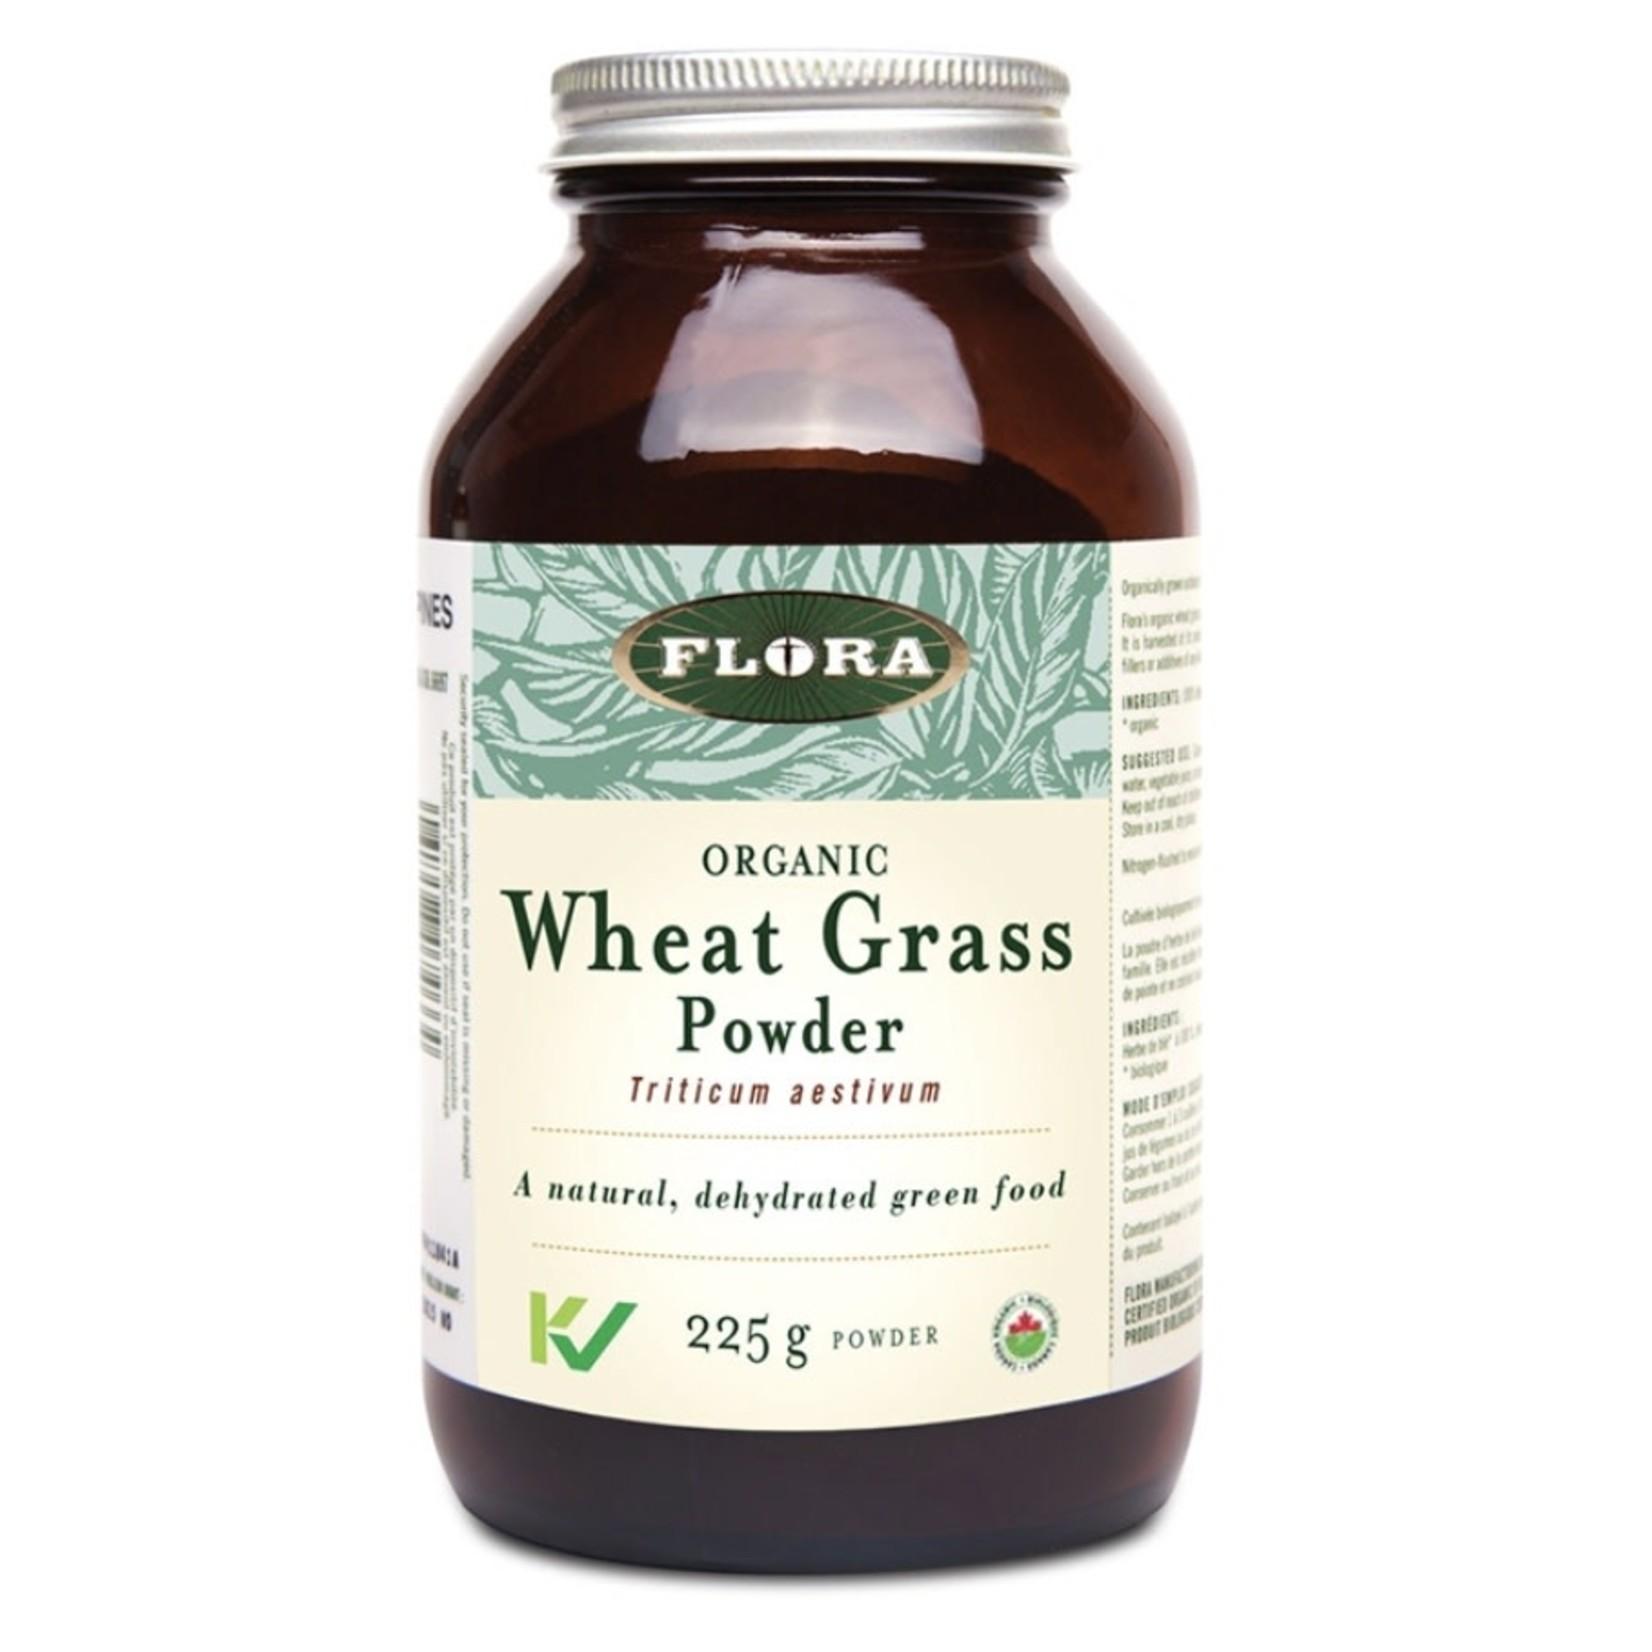 Flora Flora Wheat Grass Powder 225g